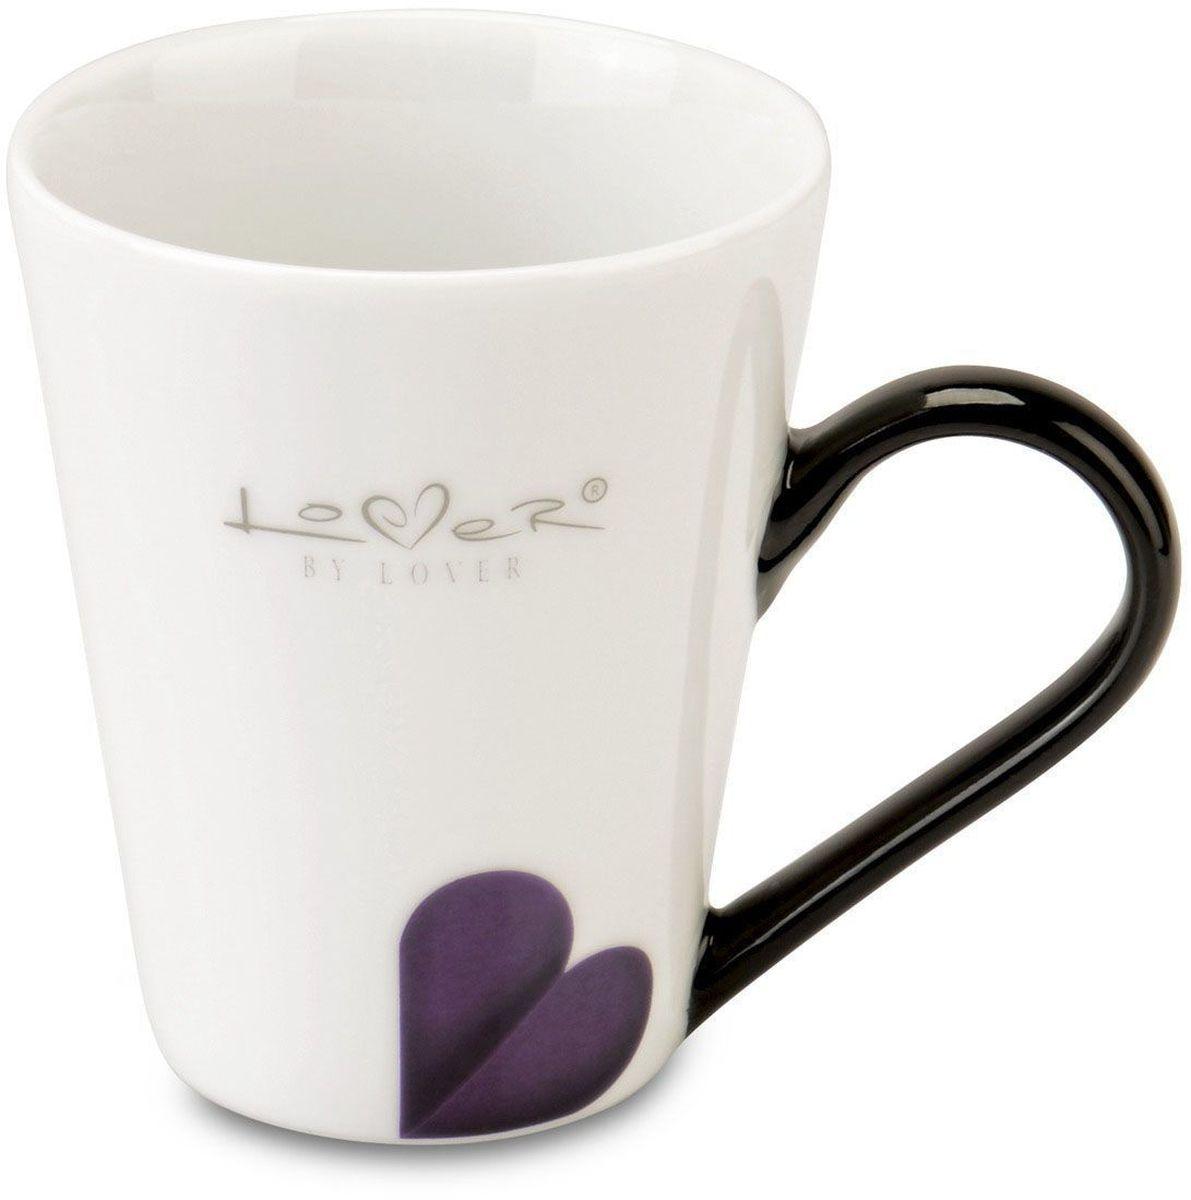 Набор кружек BergHOFF Lover by Lover, 250 мл, 2 шт115610Набор BergHOFF Lover by Lover состоит из двух кружек с ручками, выполненных из высококачественного фарфора. Изделия можно мыть в посудомоечной машине.Подходят для использования в микроволновой печи. Диаметр кружки (по верхнему краю): 8 см. Объем кружки: 250 мл.В комплекте: 2 кружки.